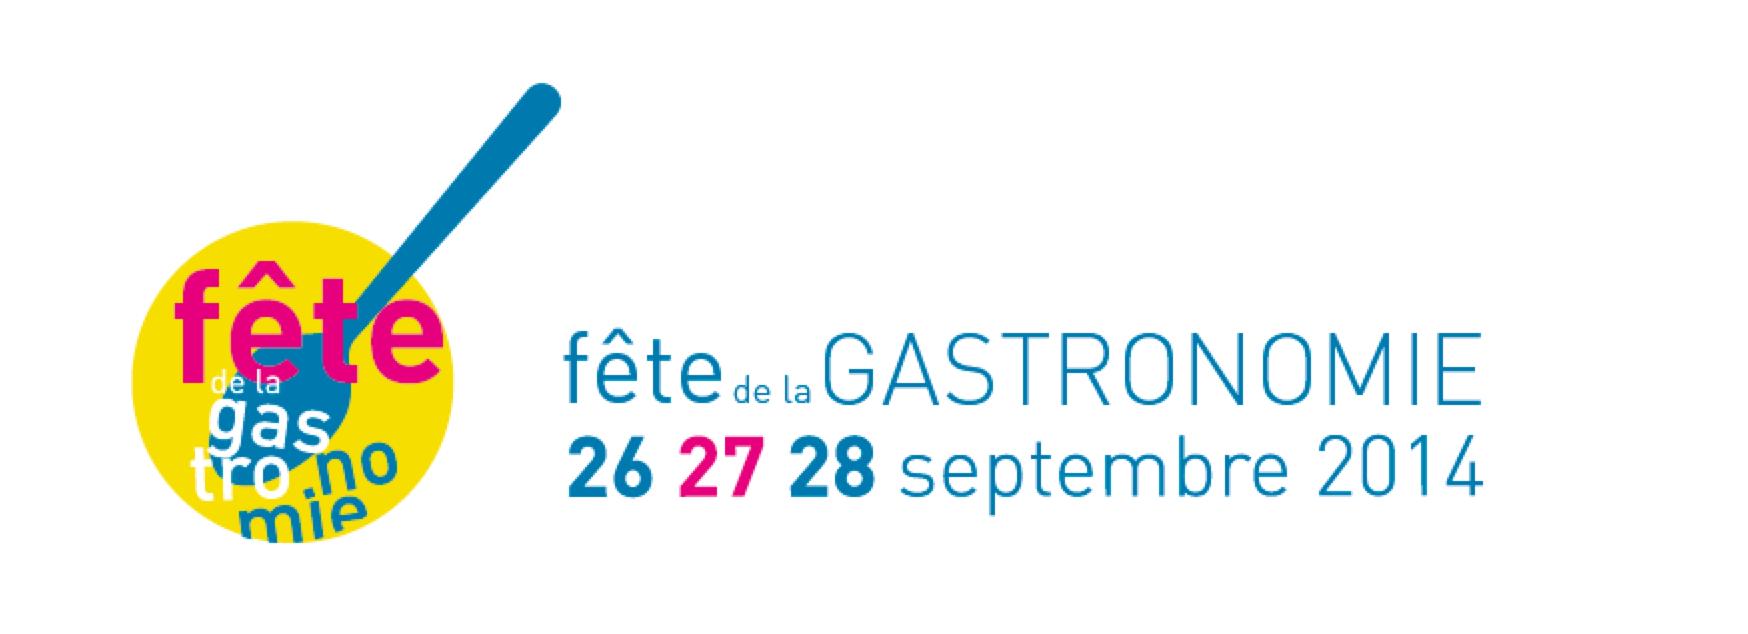 La Fête de la Gastronomie – Septembre 2014